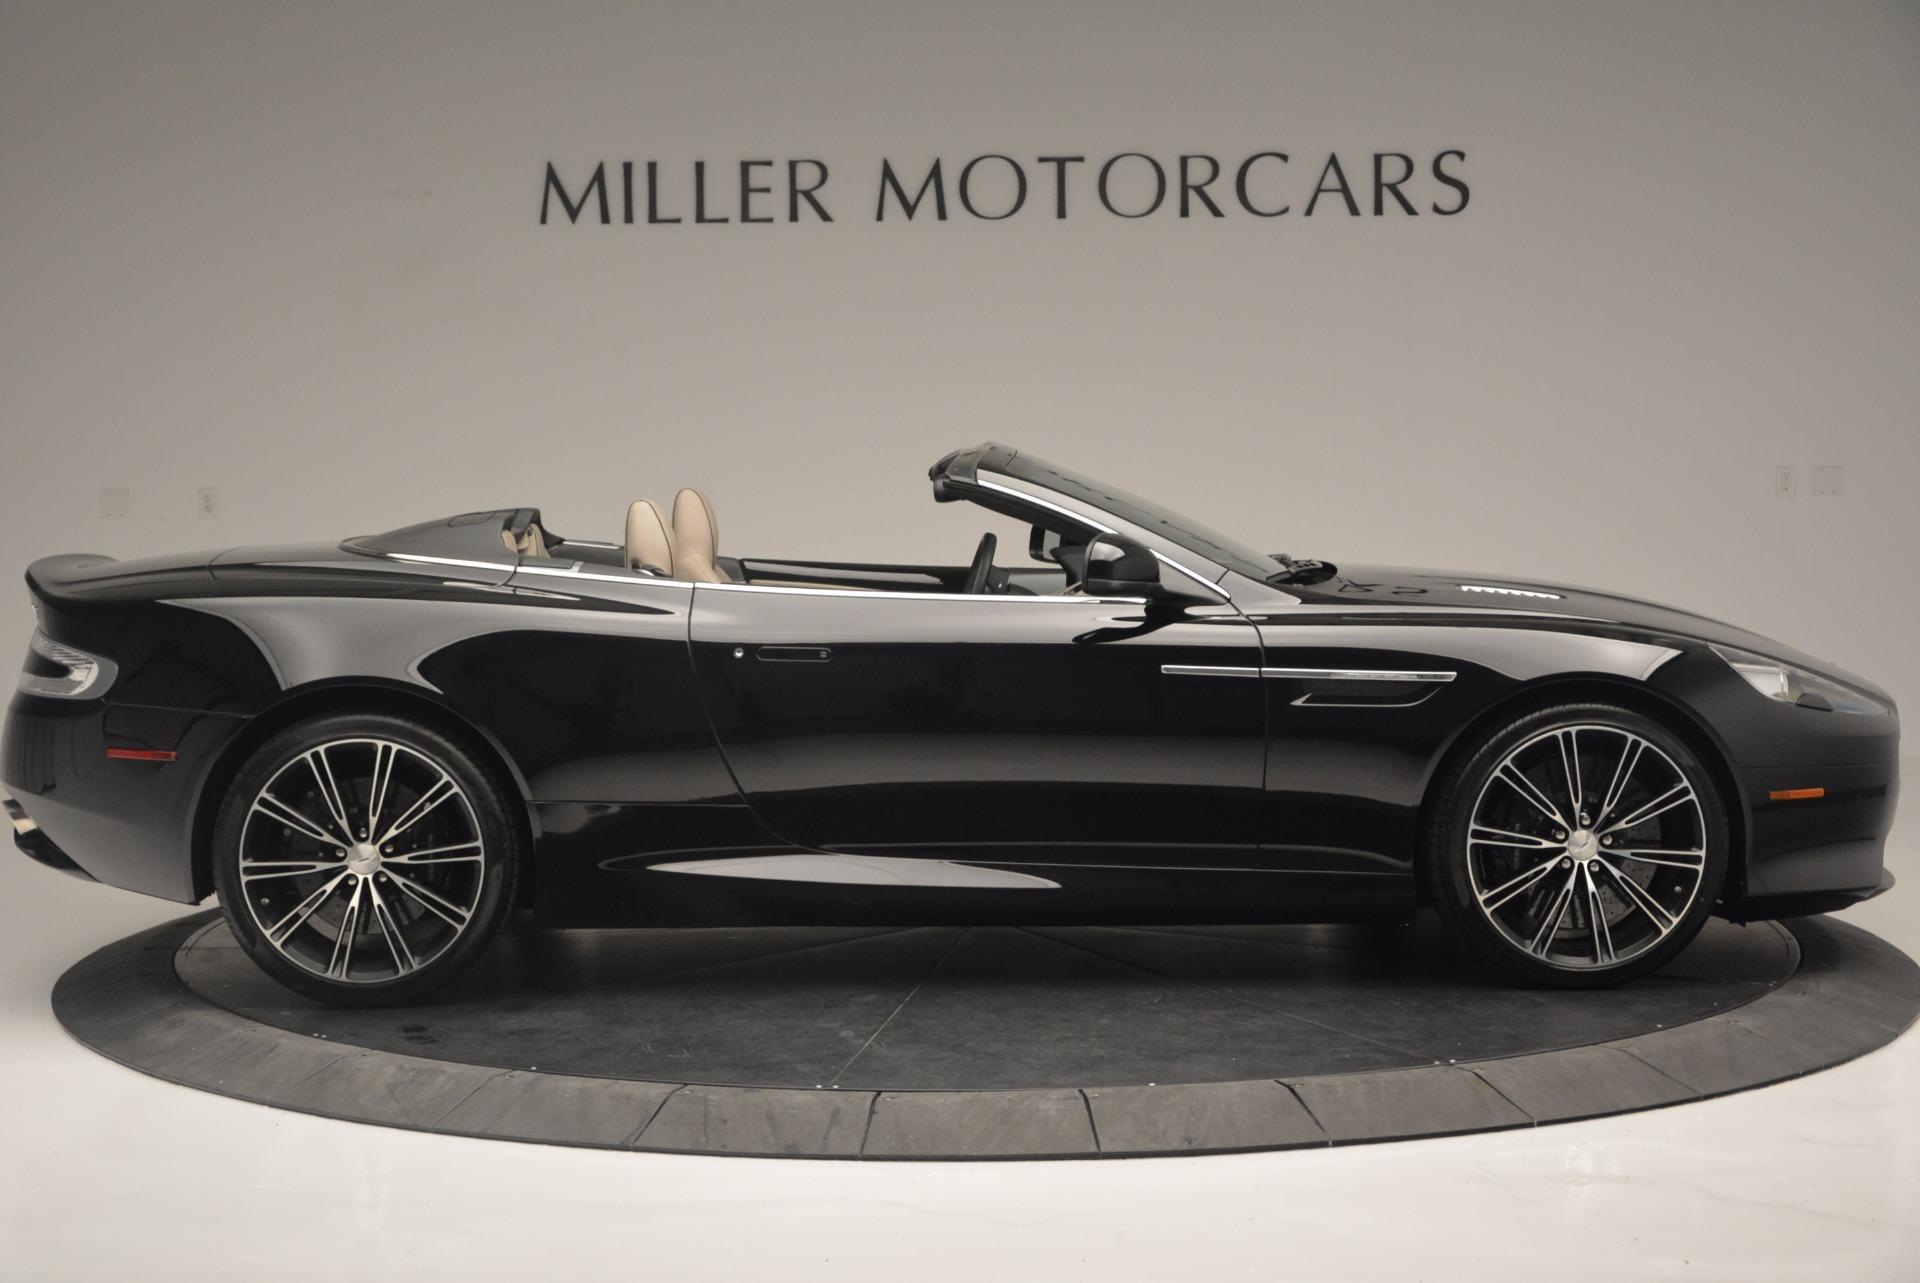 Used 2015 Aston Martin DB9 Volante For Sale In Greenwich, CT. Alfa Romeo of Greenwich, 7389 2318_p9